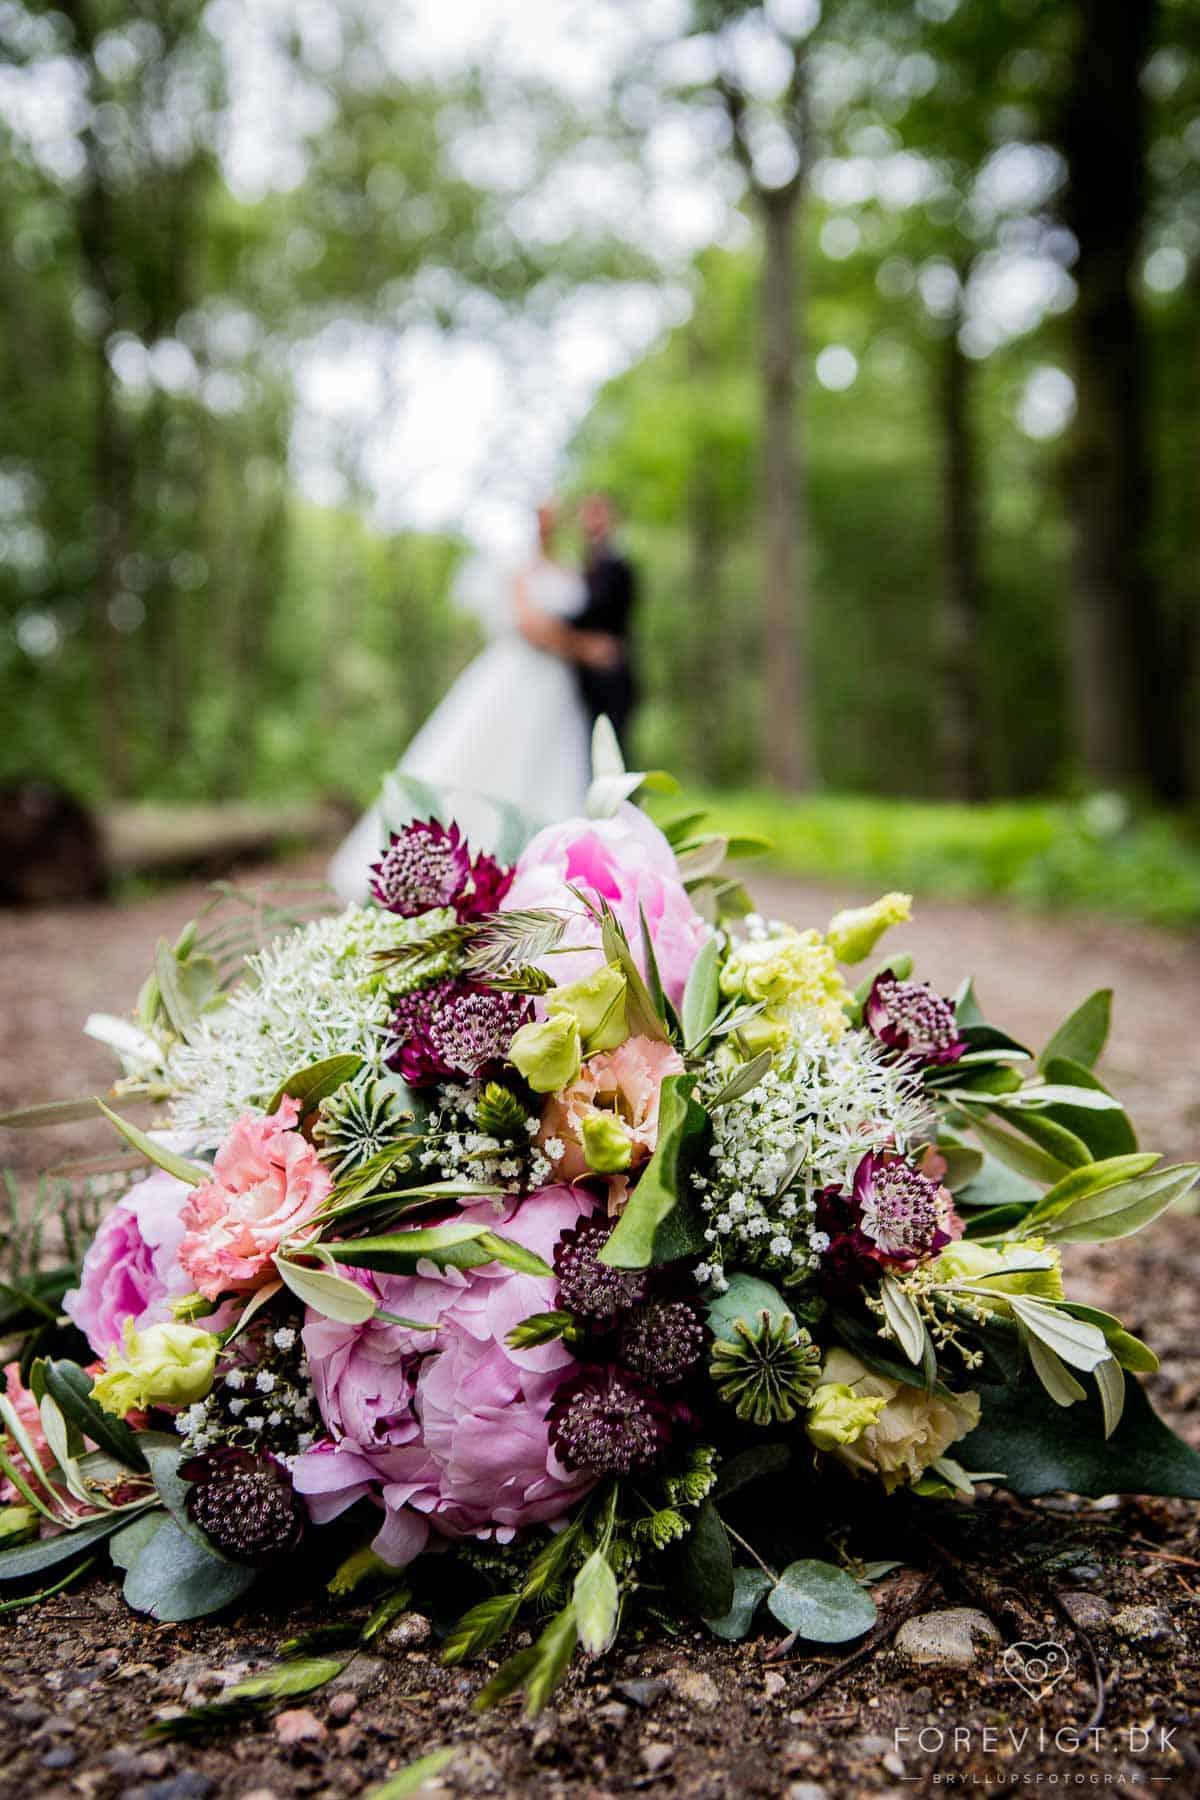 Find en professionel bryllupsfotograf med det bedste pris/kvalitet forhold